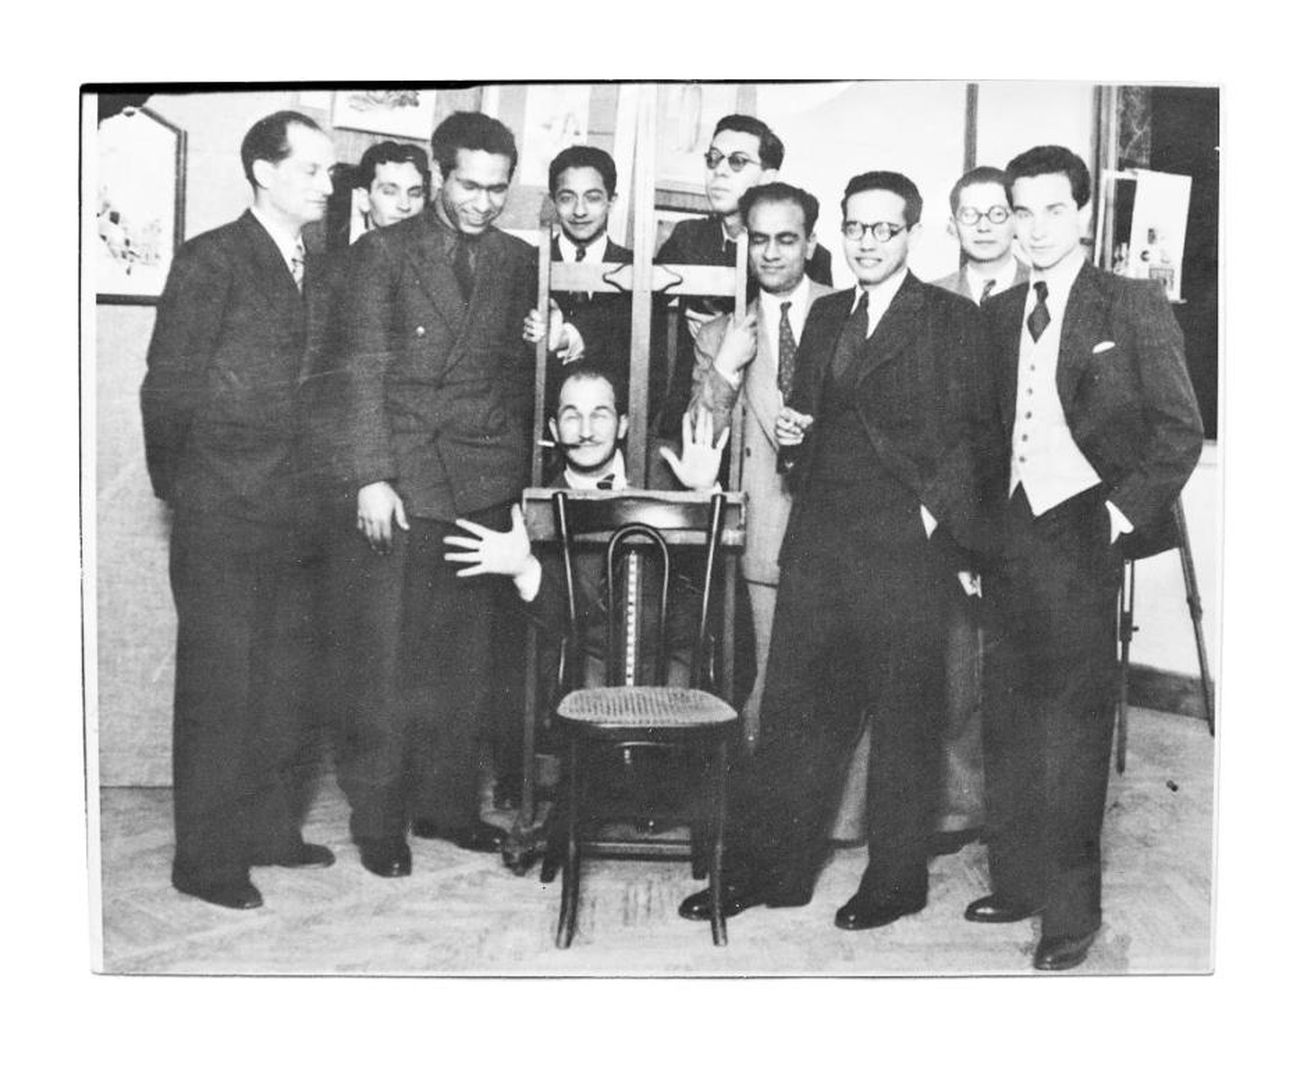 Alcuni membri dell'Art and Liberty Group alla loro secondo mostra di arte indopendente al Cairo, 1941. The Younan Family Archive